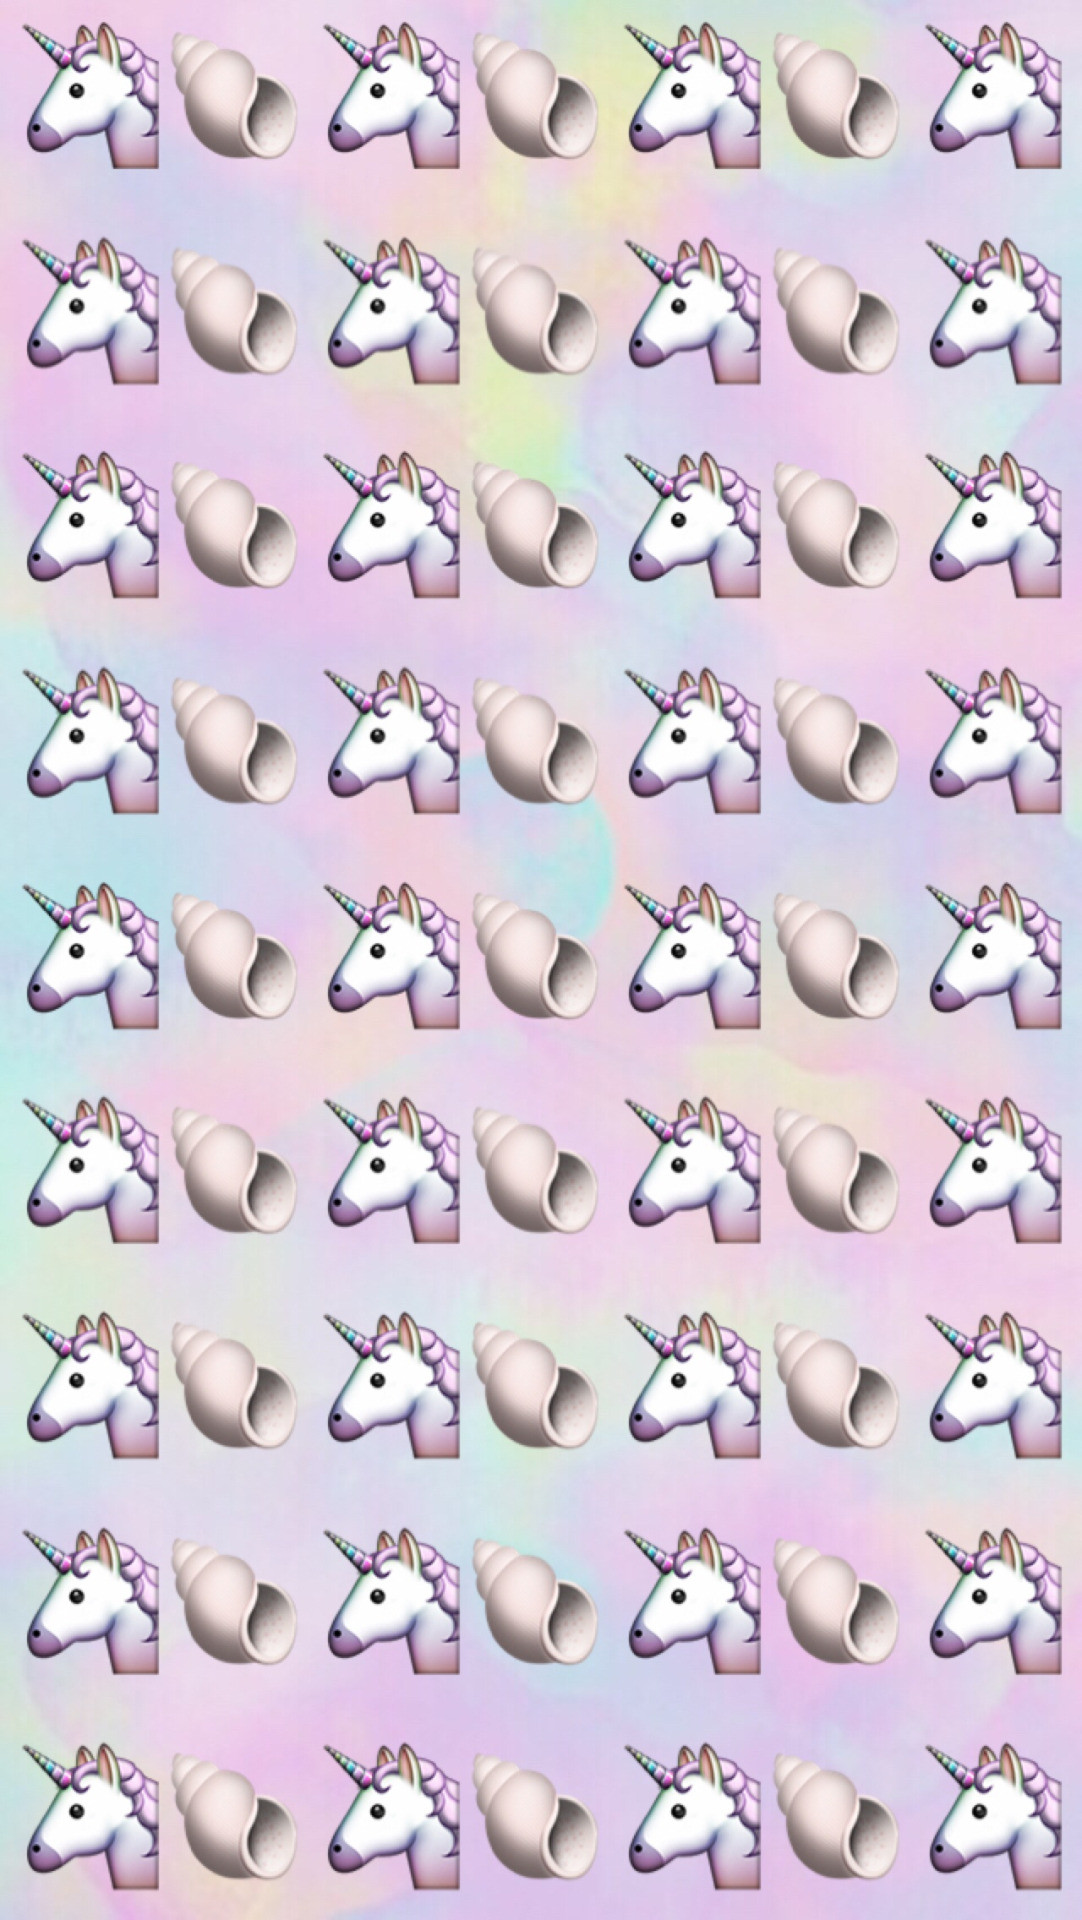 Unicorn emoji backgrounds • like if you save/use -A